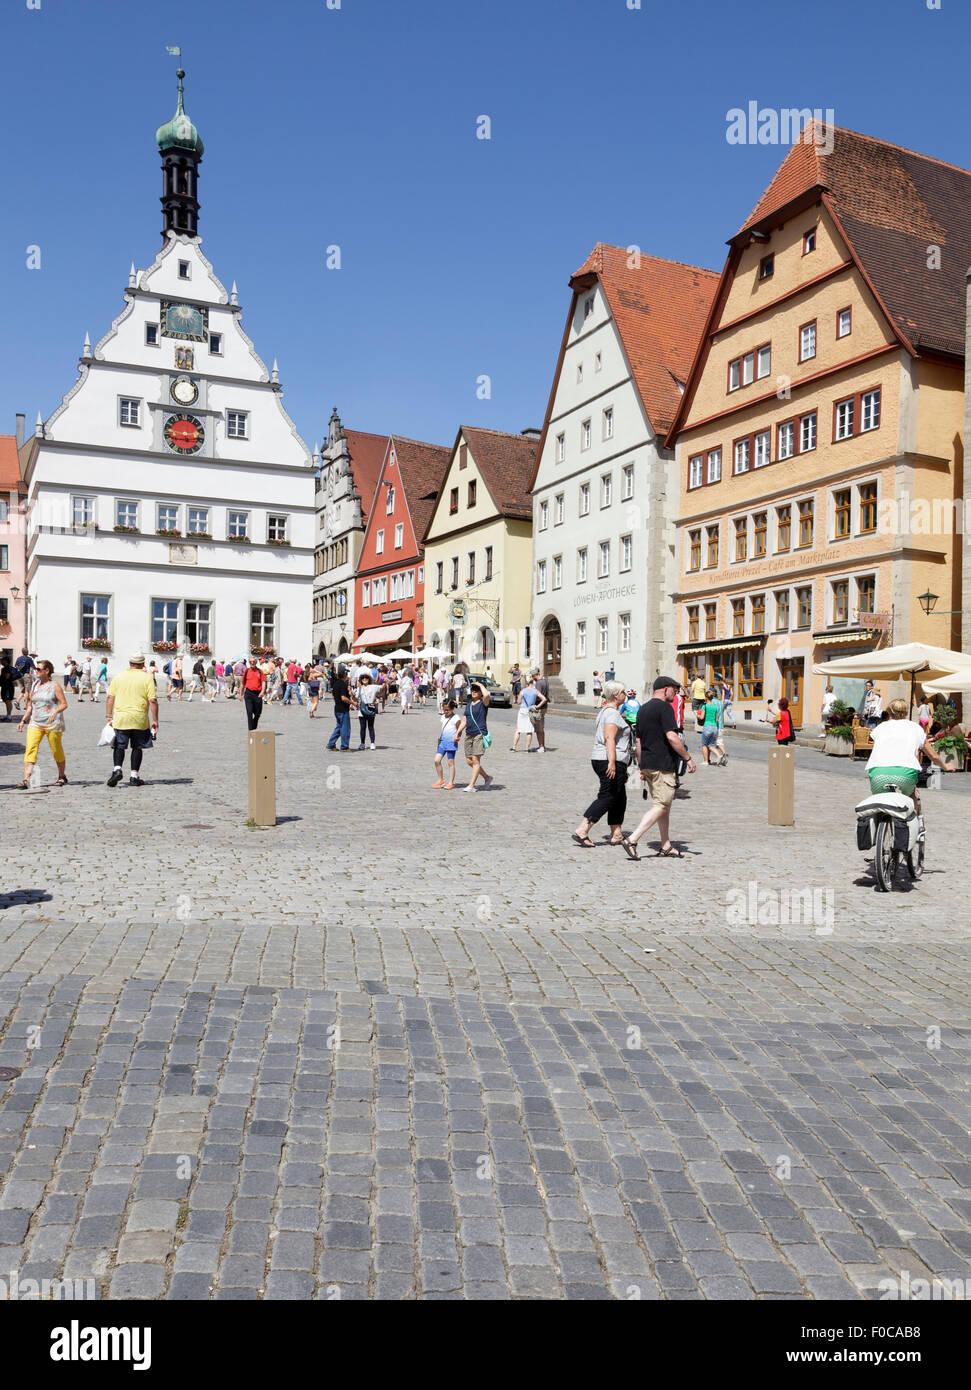 Touristen zu Fuß von typischen Gebäuden auf dem Marktplatz Marktplatz, Rothenburg Ob der Tauber, Franken, Stockbild